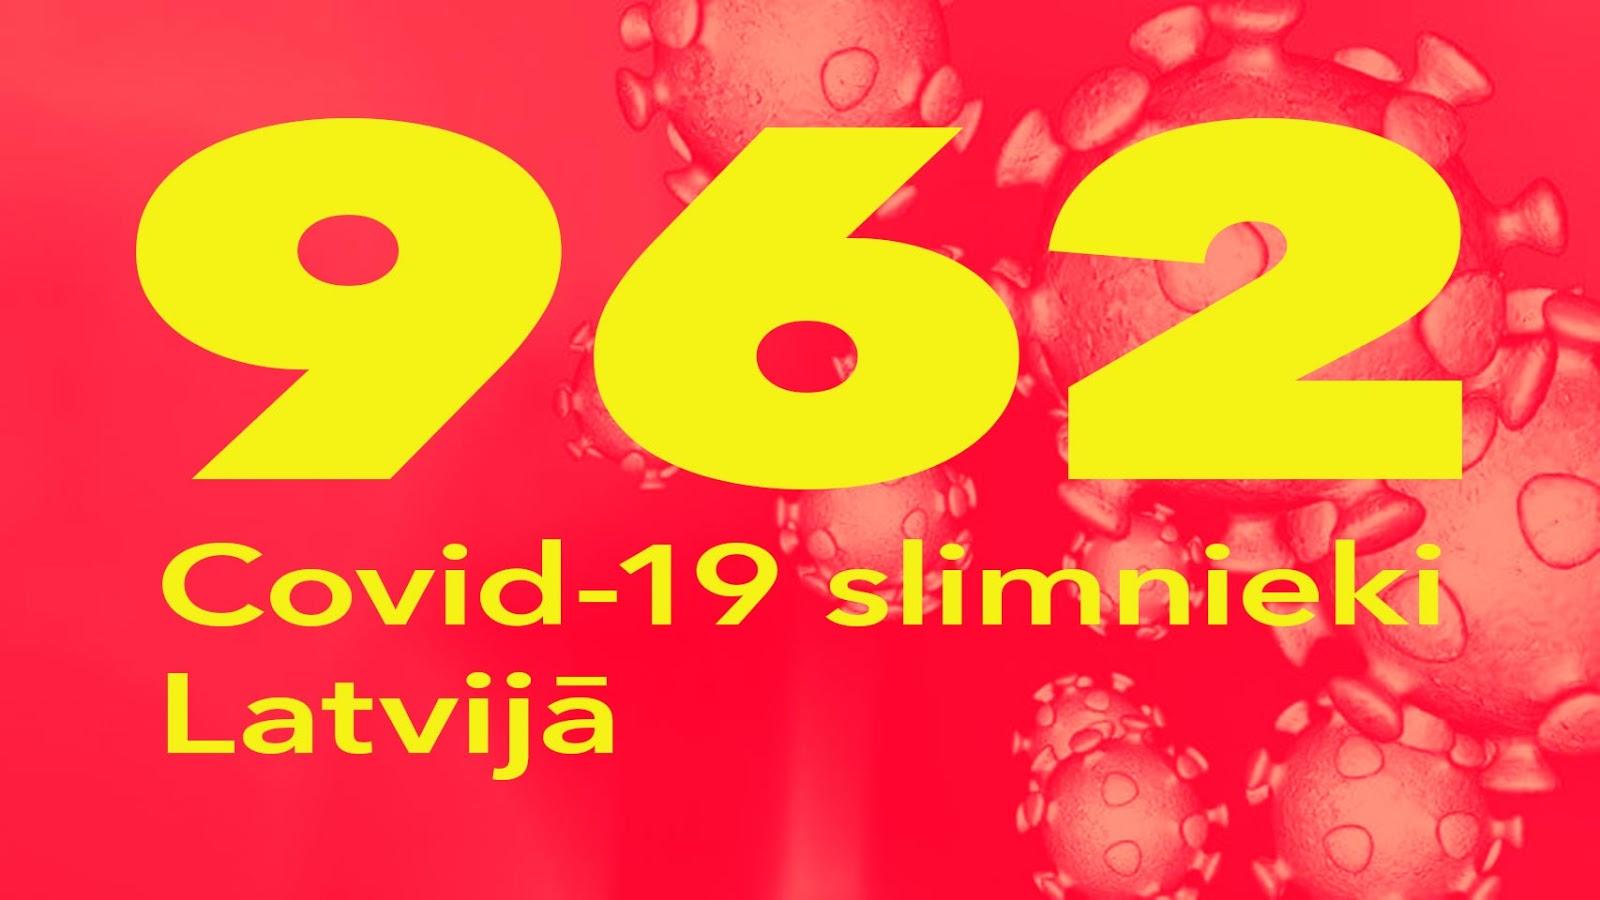 Koronavīrusa saslimušo skaits Latvijā 14.05.2020.